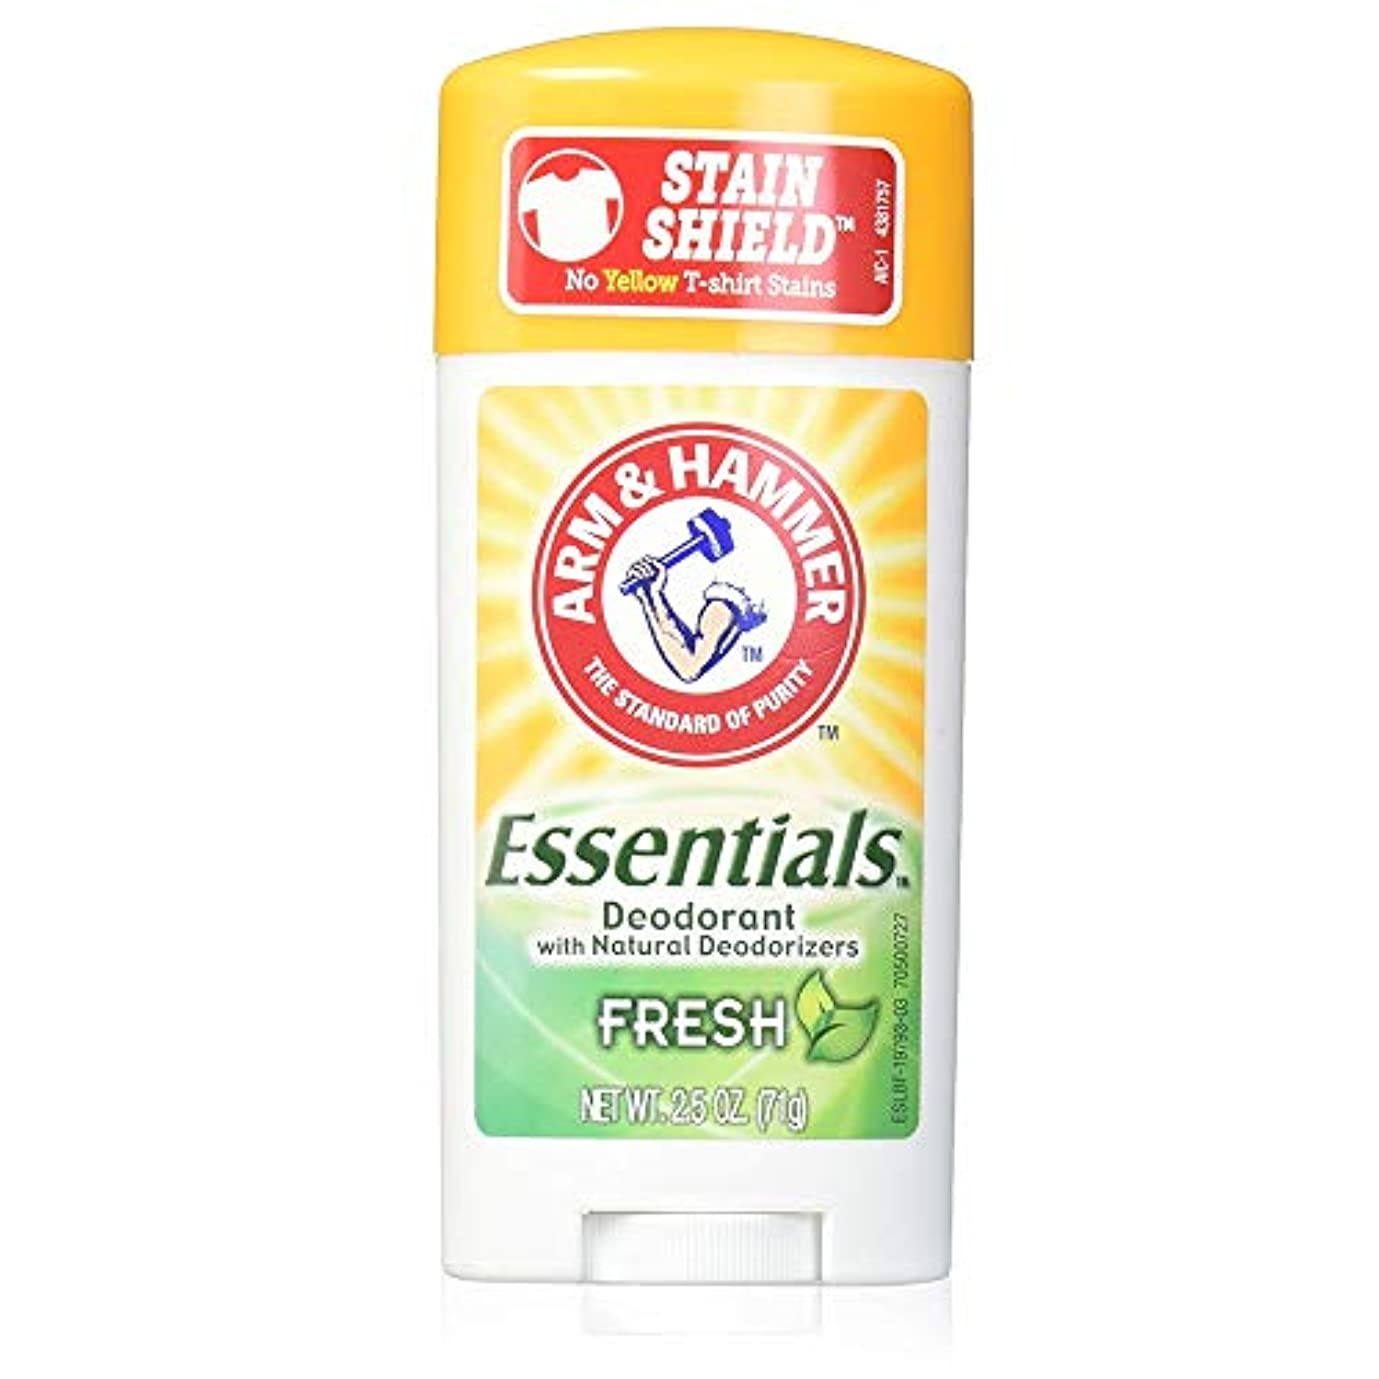 抑圧する熱狂的な涙が出るアーム&ハマー デオドラント【フレッシュ】制汗剤【お風呂上がりの香り】Arm & Hammer Essentials Natural Deodorant Fresh 71?[並行輸入品]